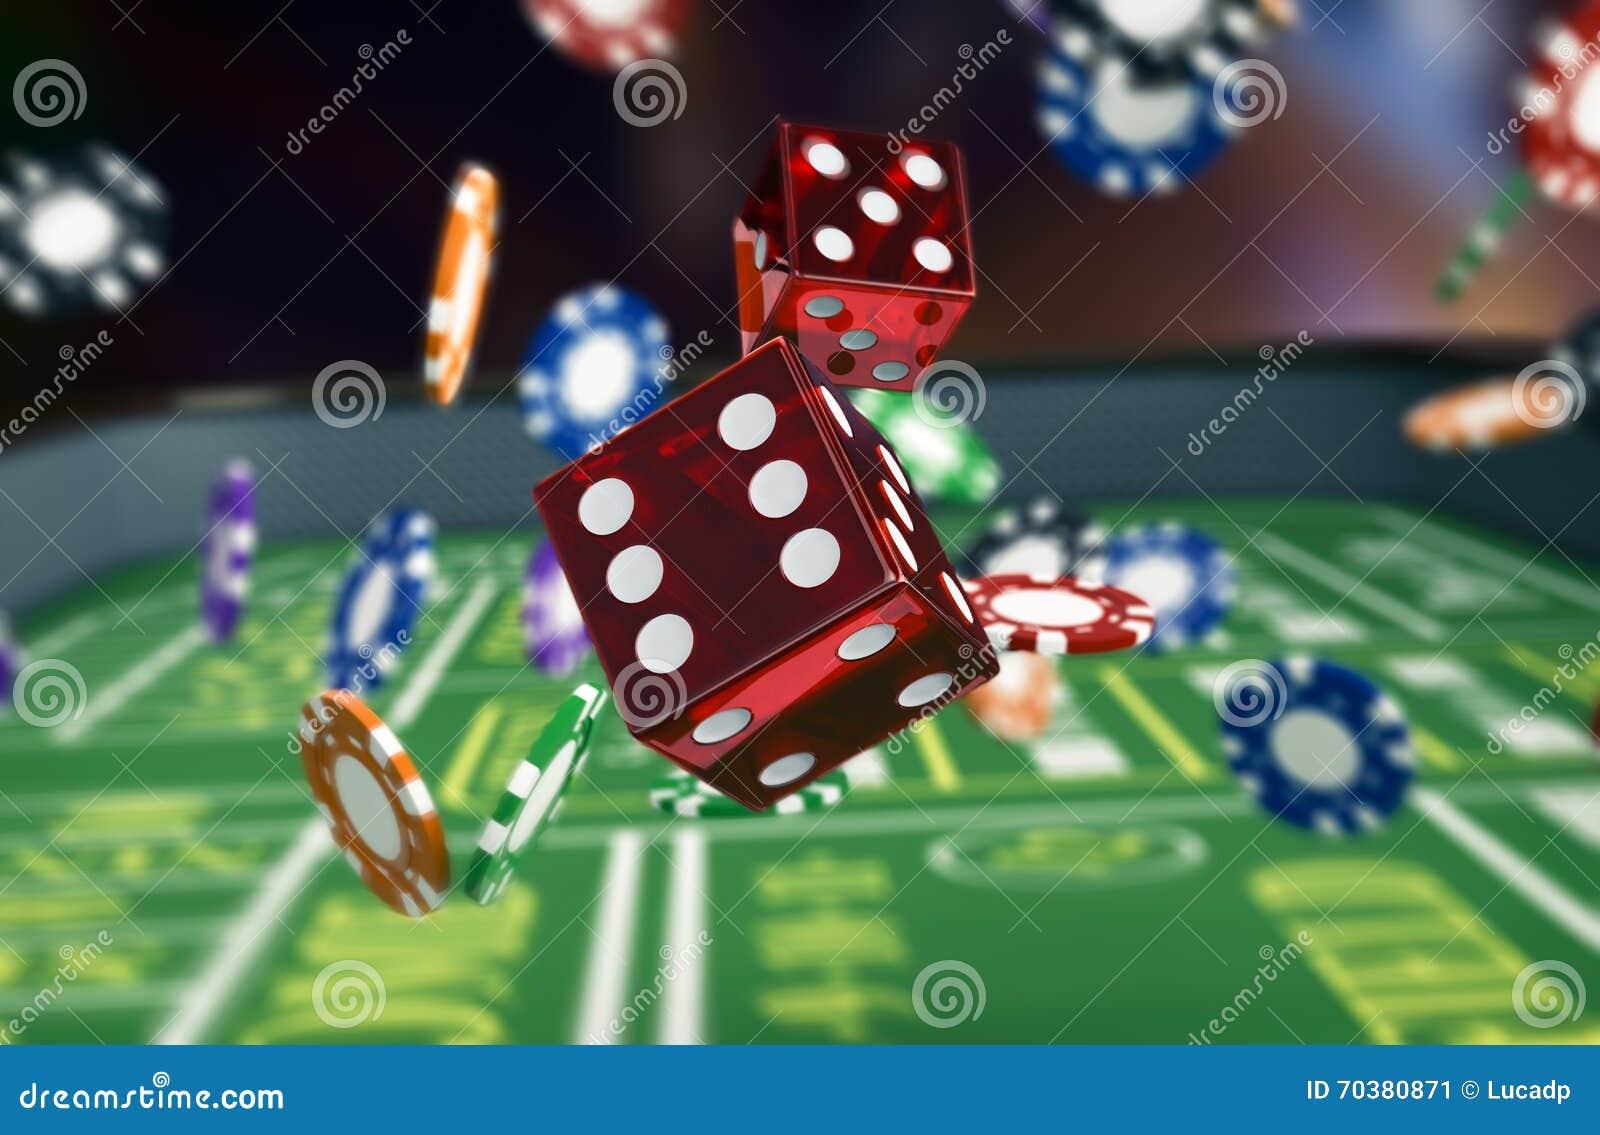 Игровые автоматы гаминатор играть бесплатно без регистрации и смс